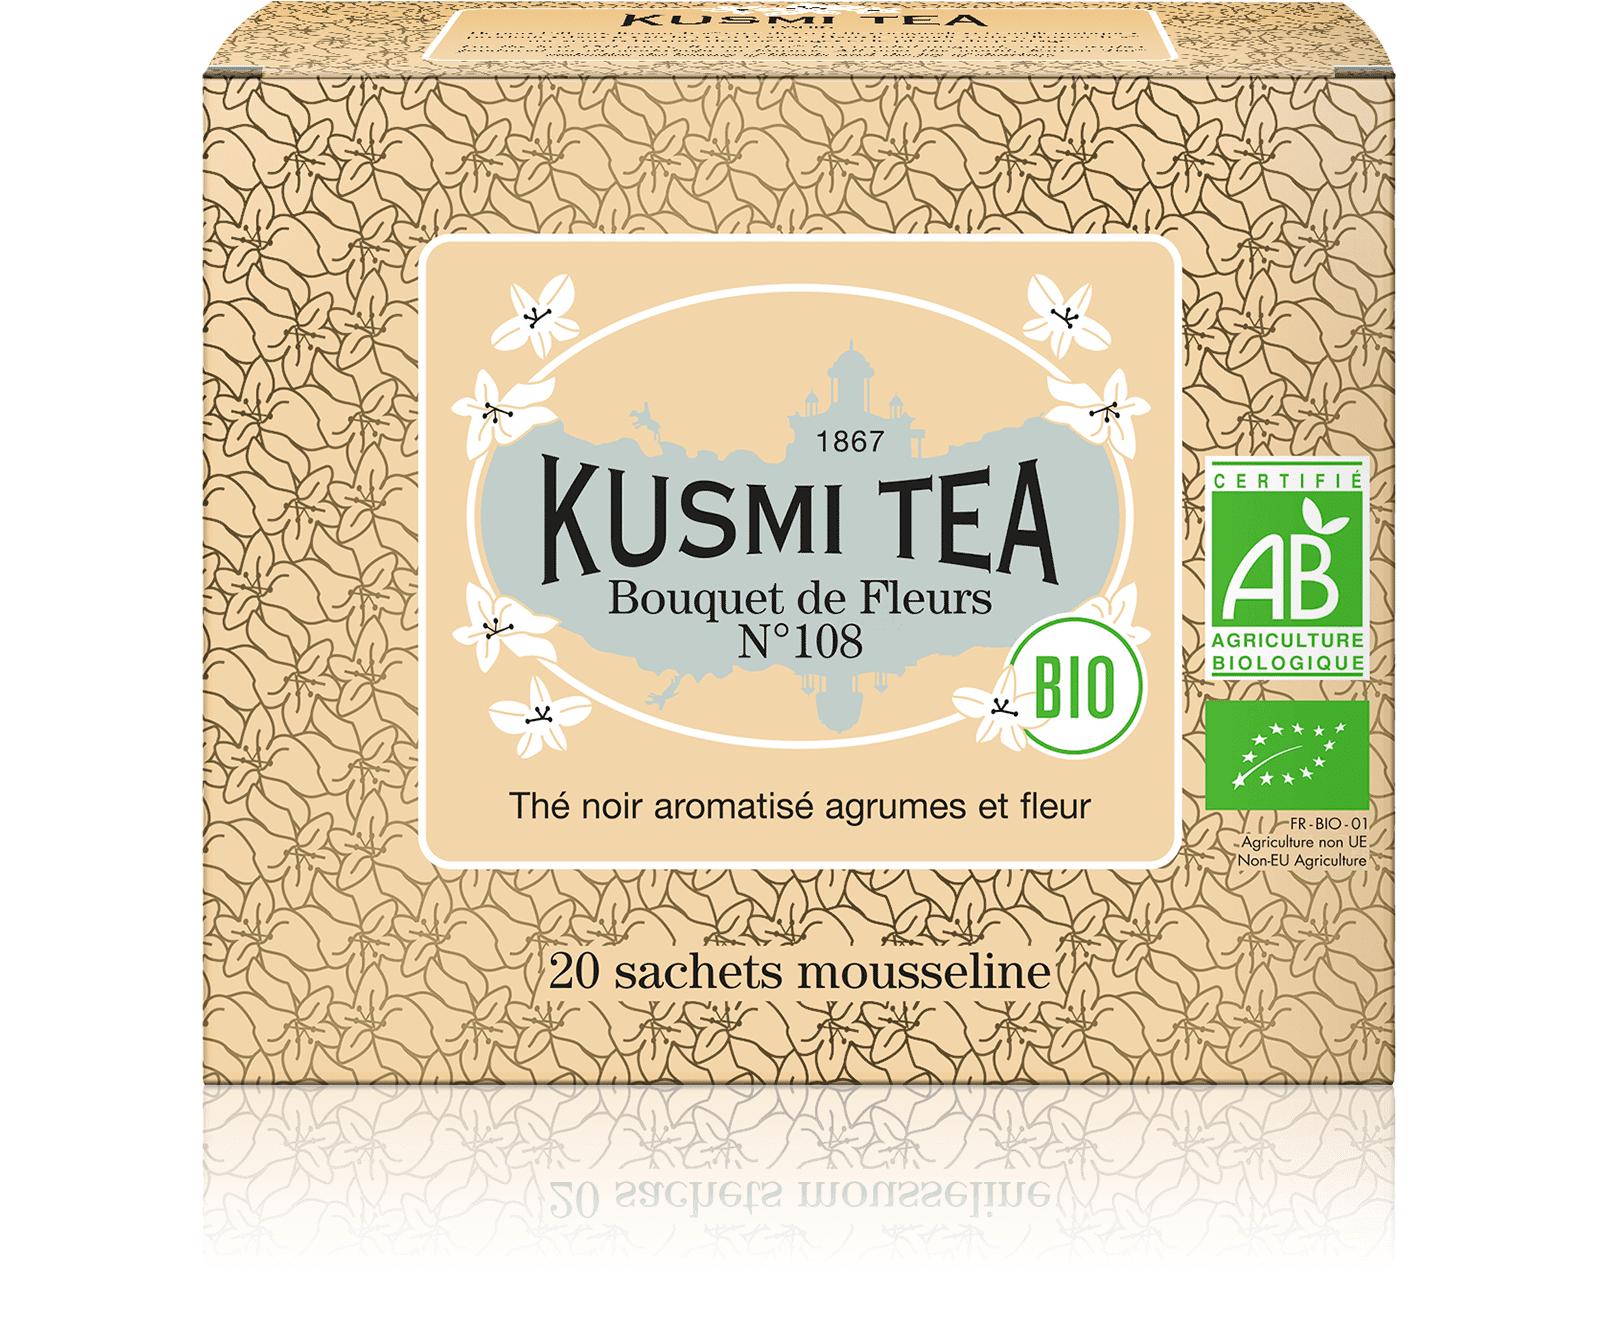 KUSMI TEA Bouquet de Fleurs N°108 bio - Thé earl grey, fleur Ylang-Ylang - Sachets de thé - Kusmi Tea